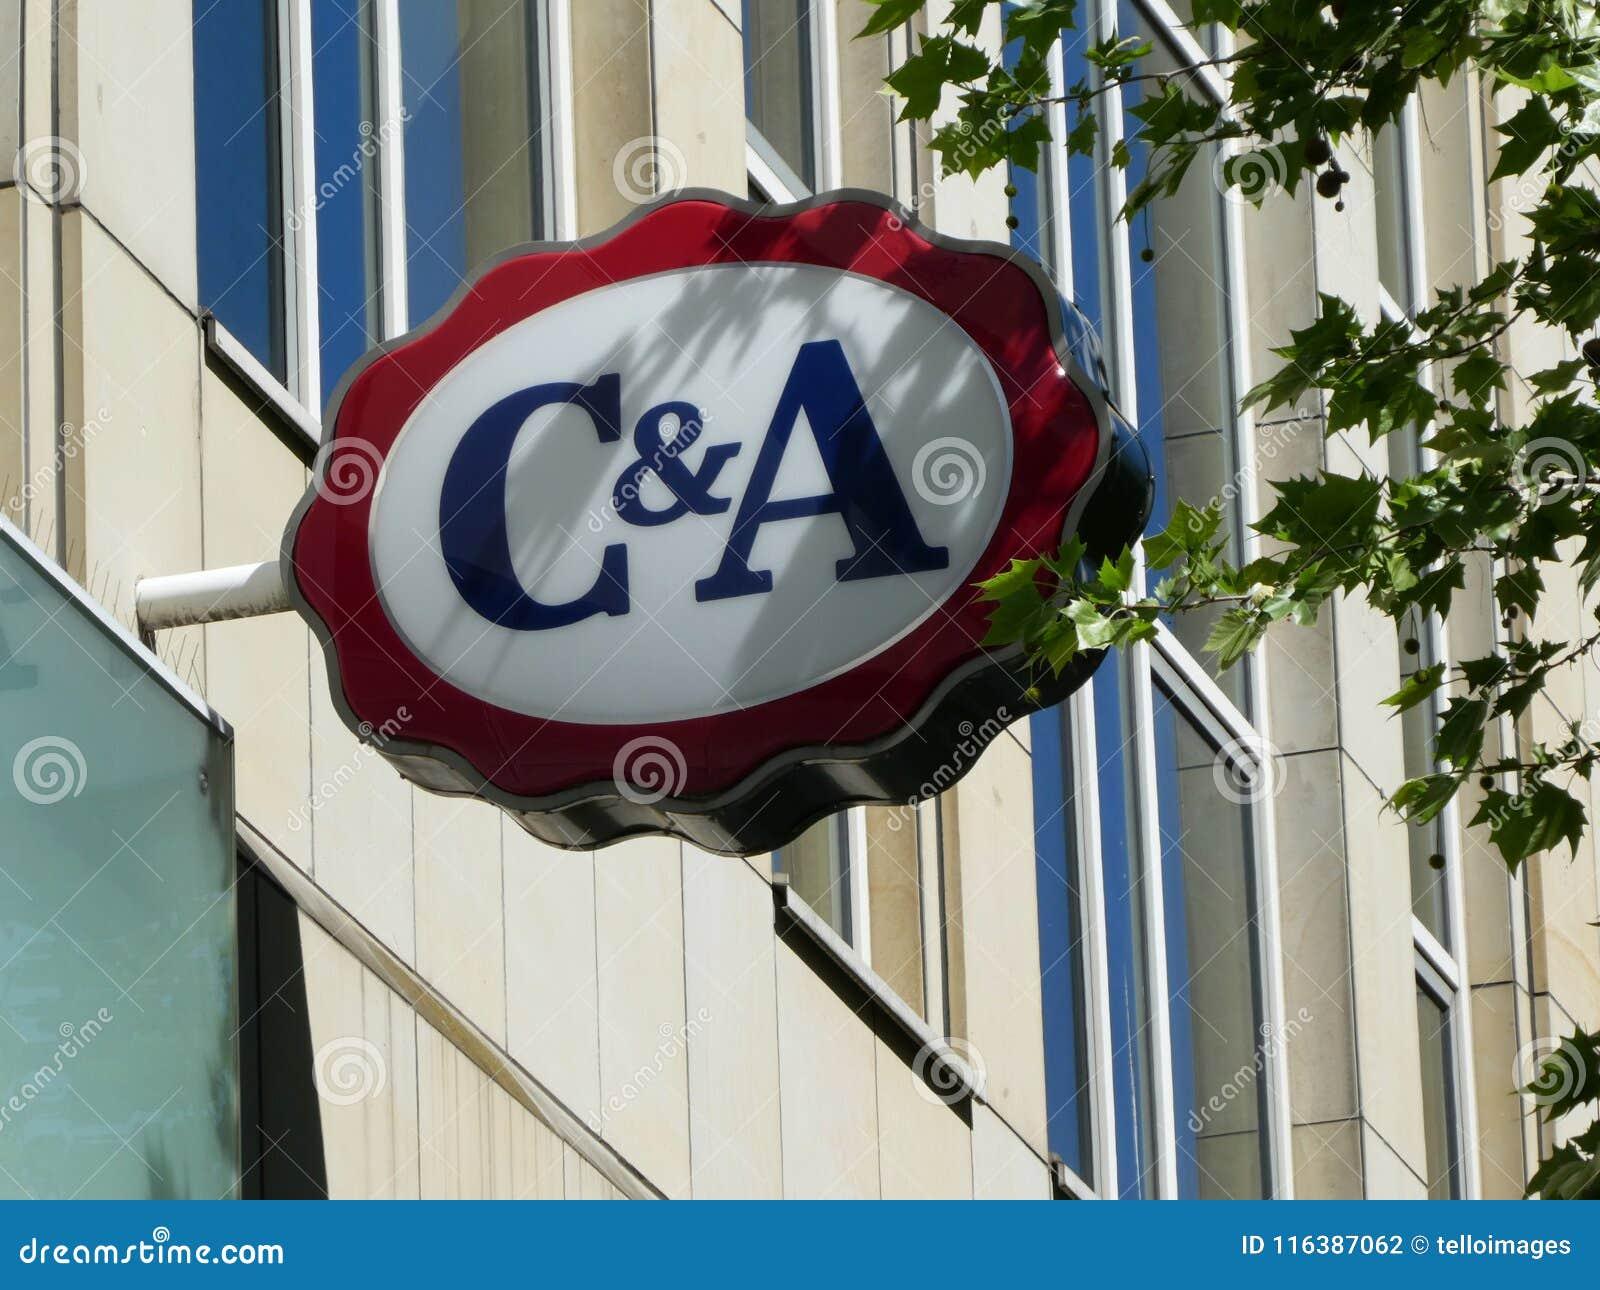 Logotipo De La Muestra De La Tienda De C A En Colonia Fotografia Editorial Imagen De Tienda Logotipo 116387062